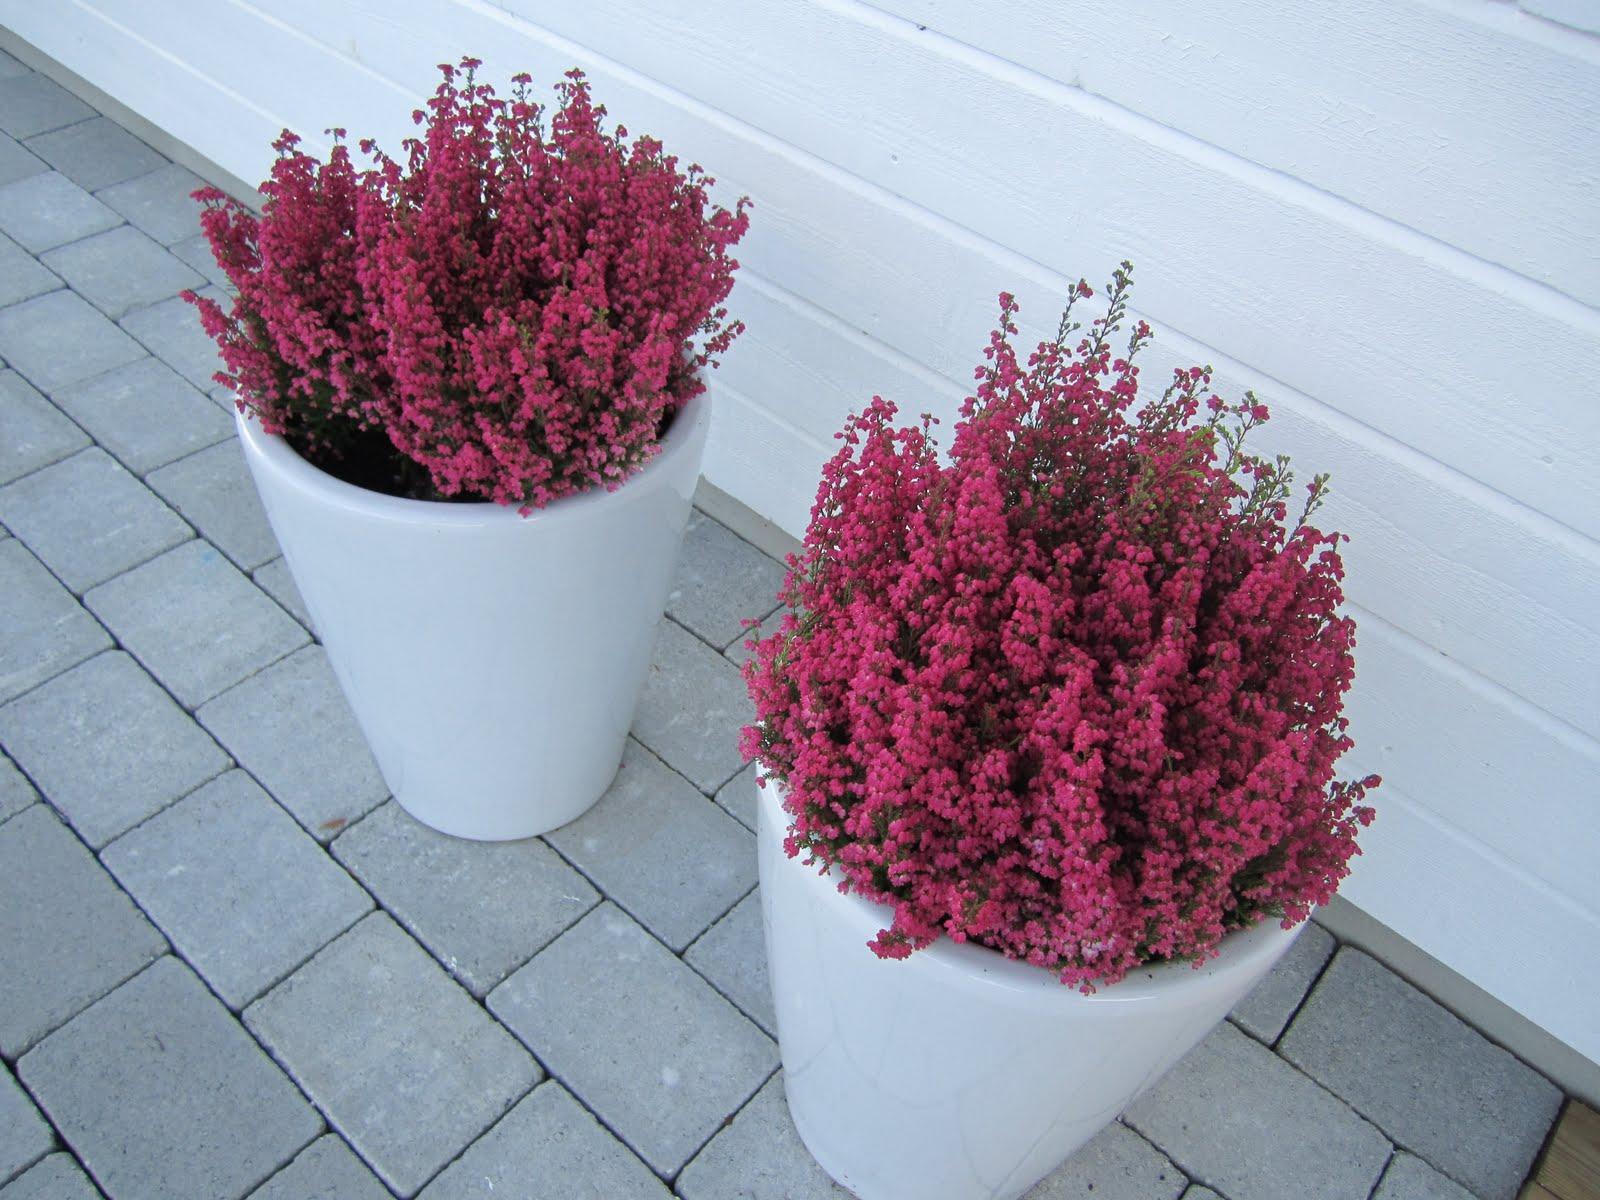 blommor utomhus vinter